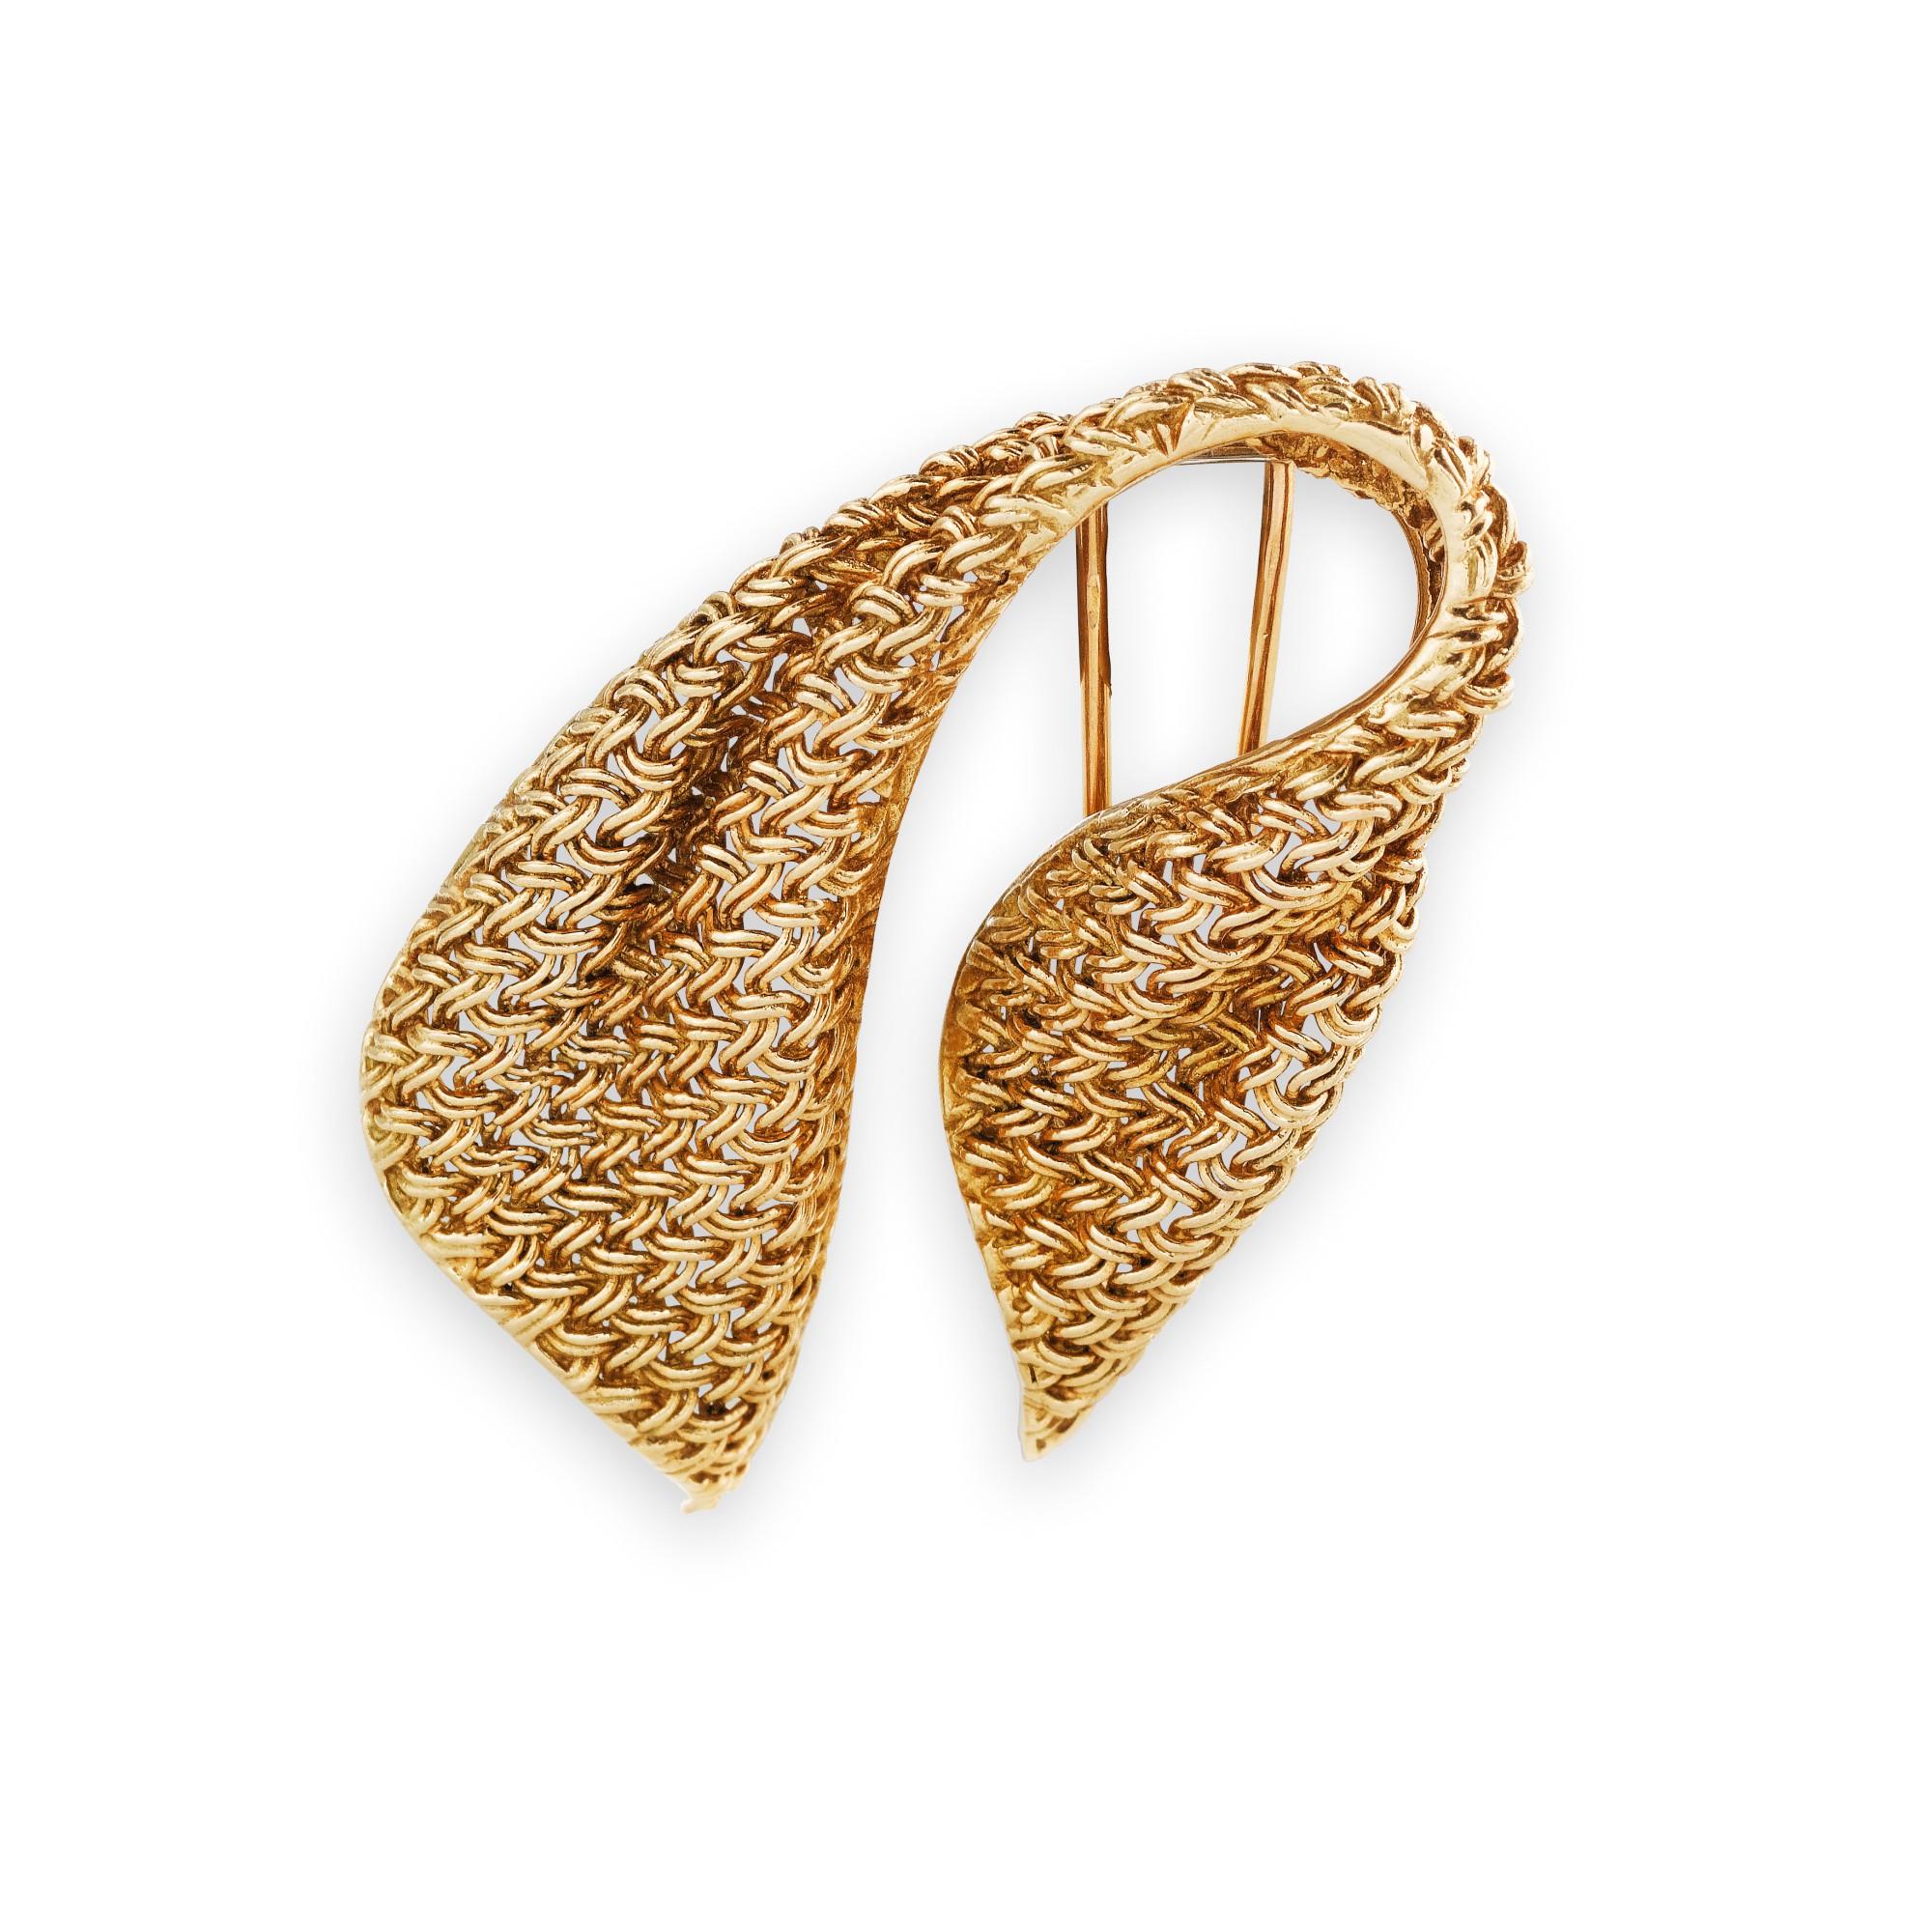 Mauboussin, Gold brooch [Broche en or], 1950s [vers 1950]